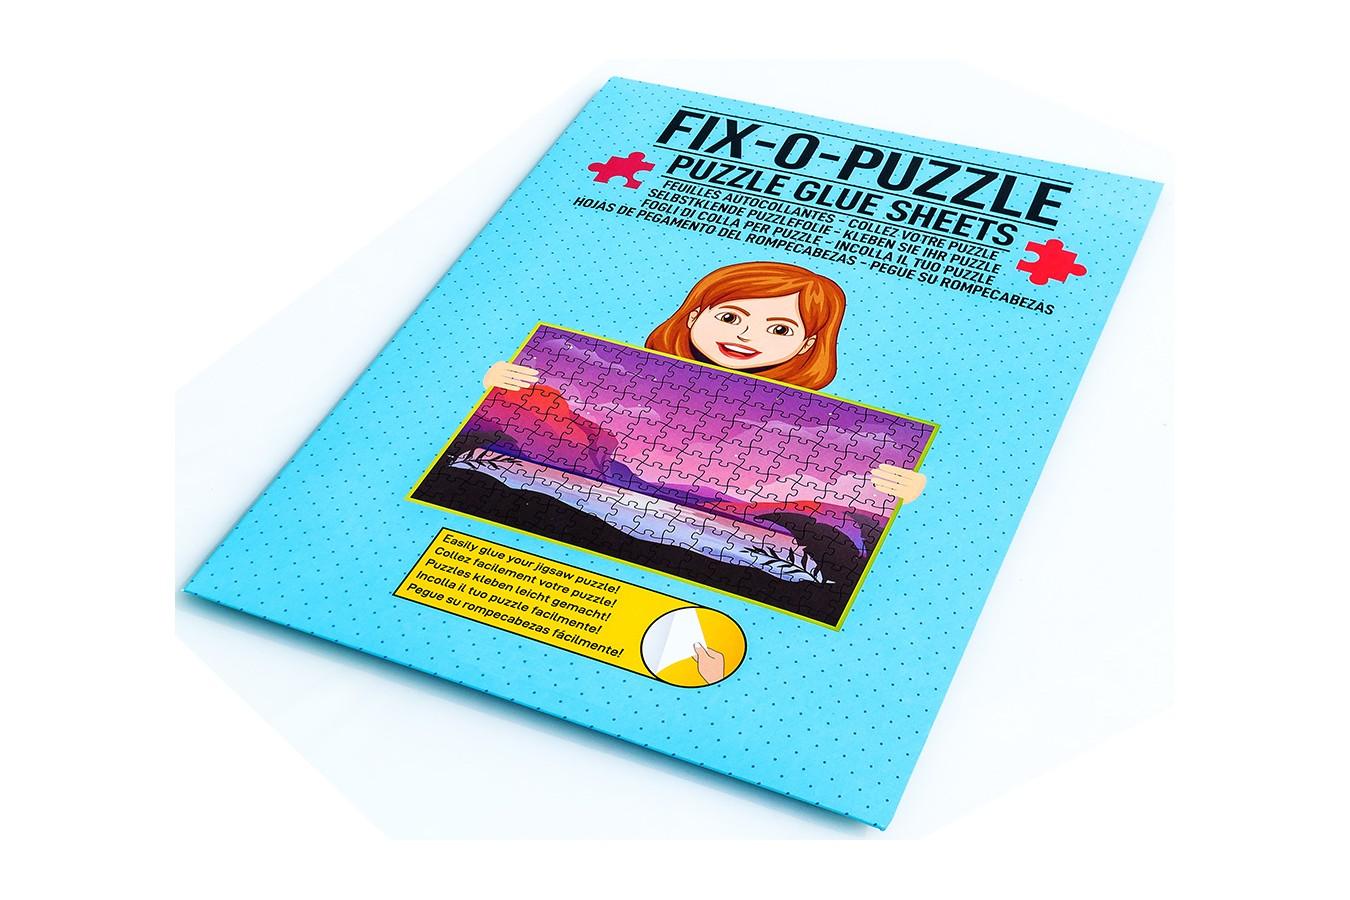 Folie pentru lipit puzzle, alba (WLP-4000) imagine